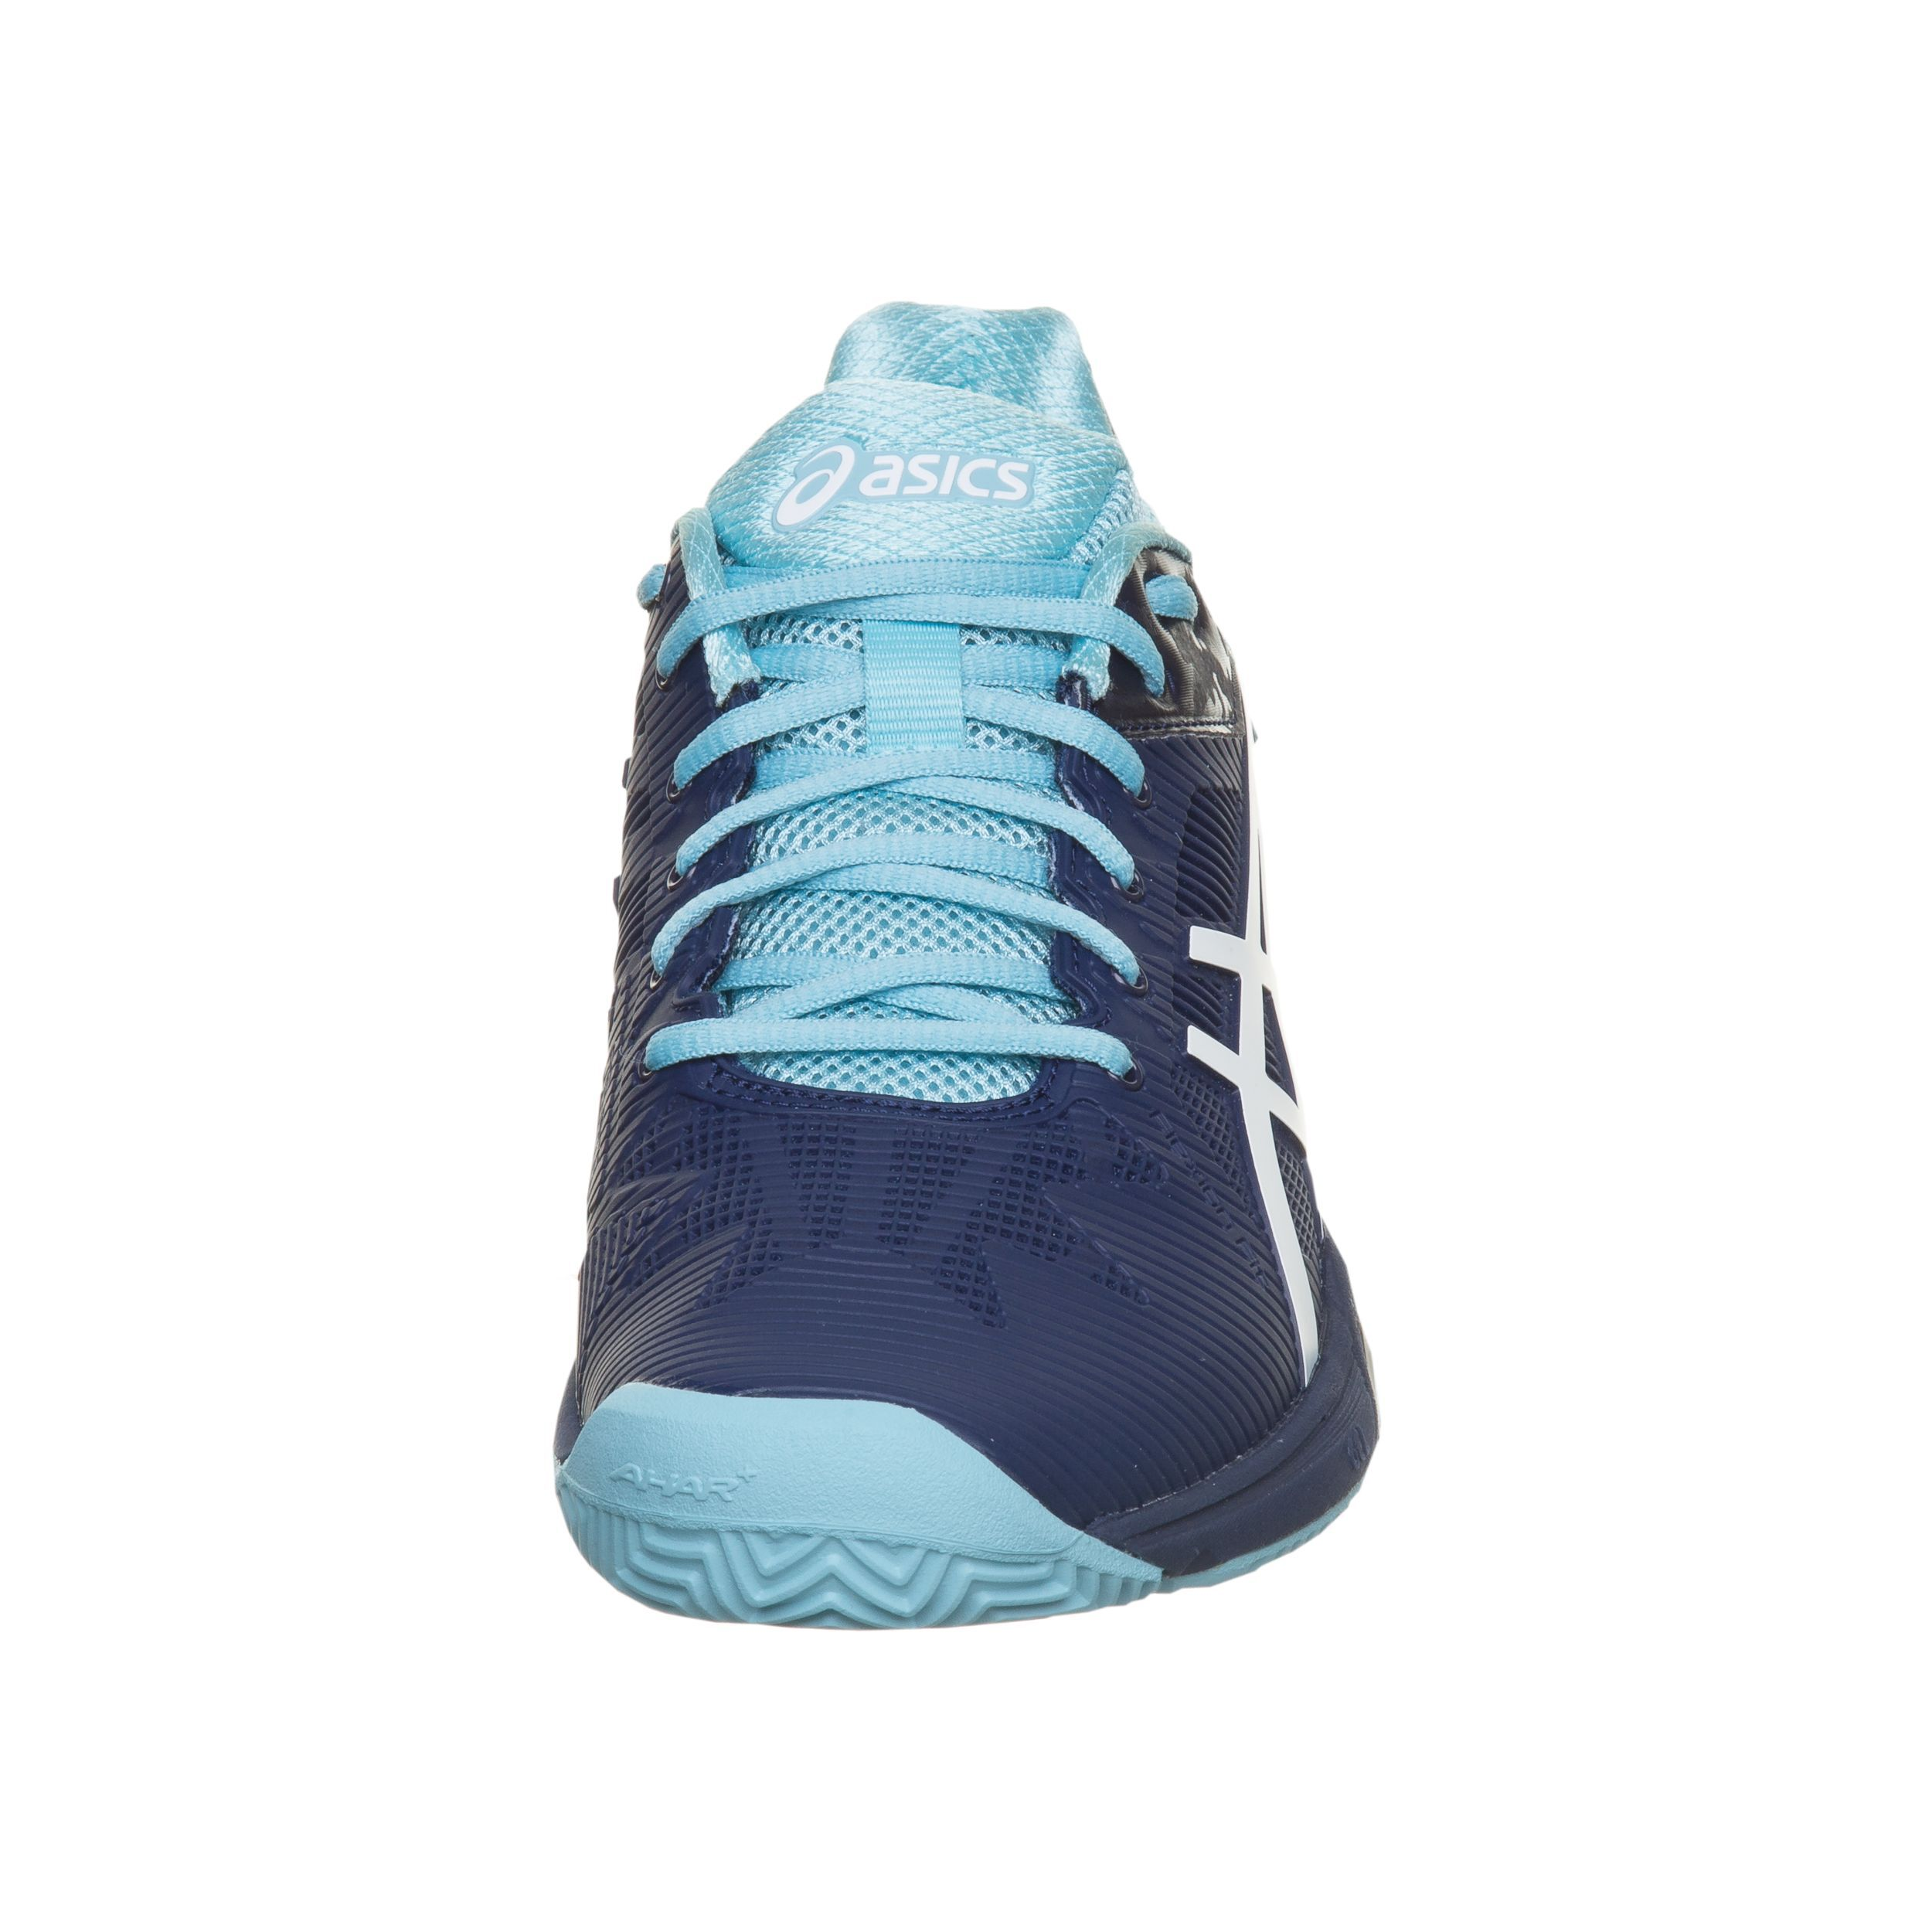 Asics Gel Solution Speed 3 Clay Sko För Grus Damer Mörkblå, Ljusblå